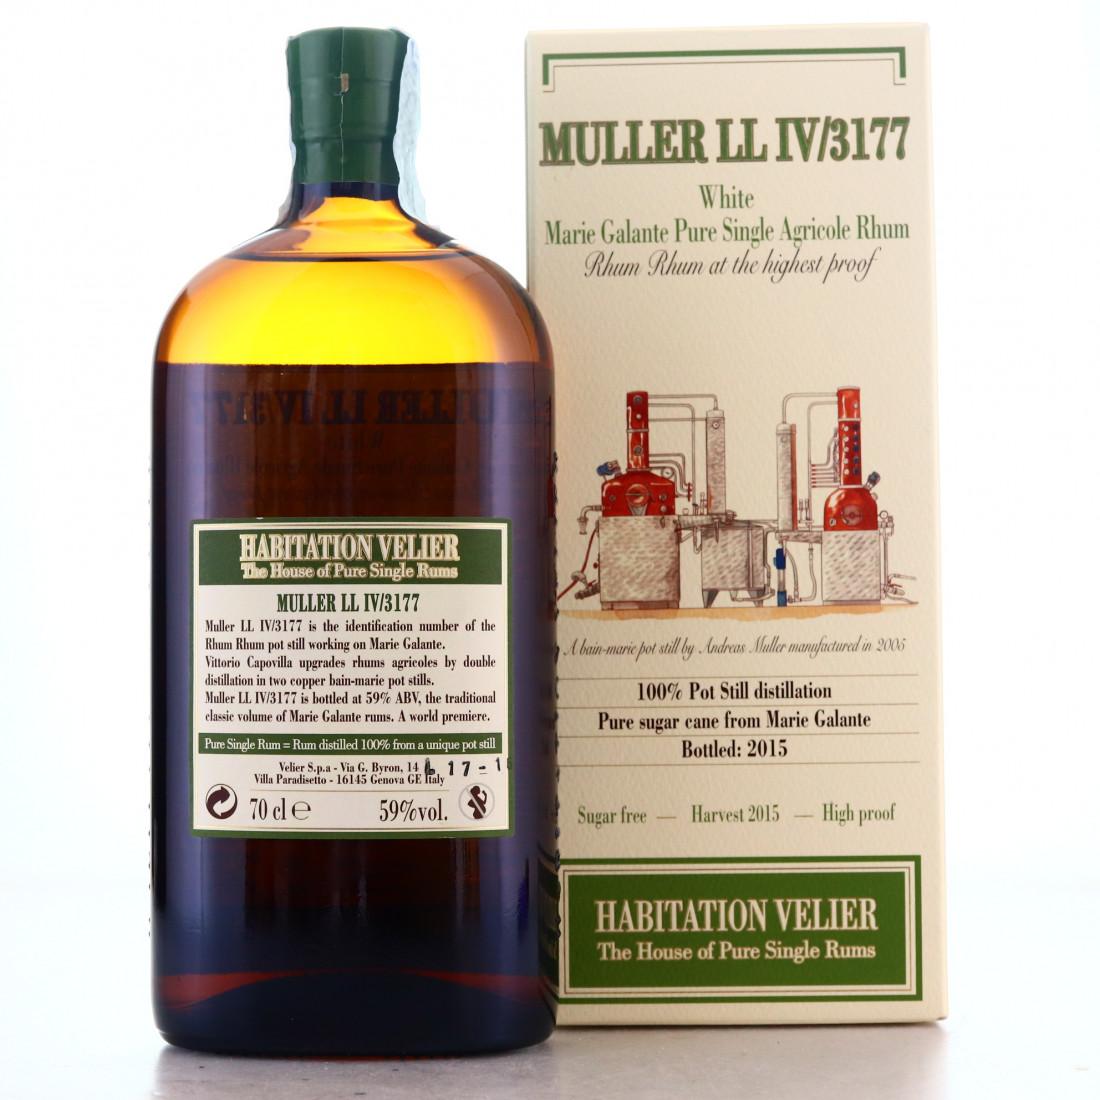 Muller LL IV/3177 Habitation Velier White Rum 2015